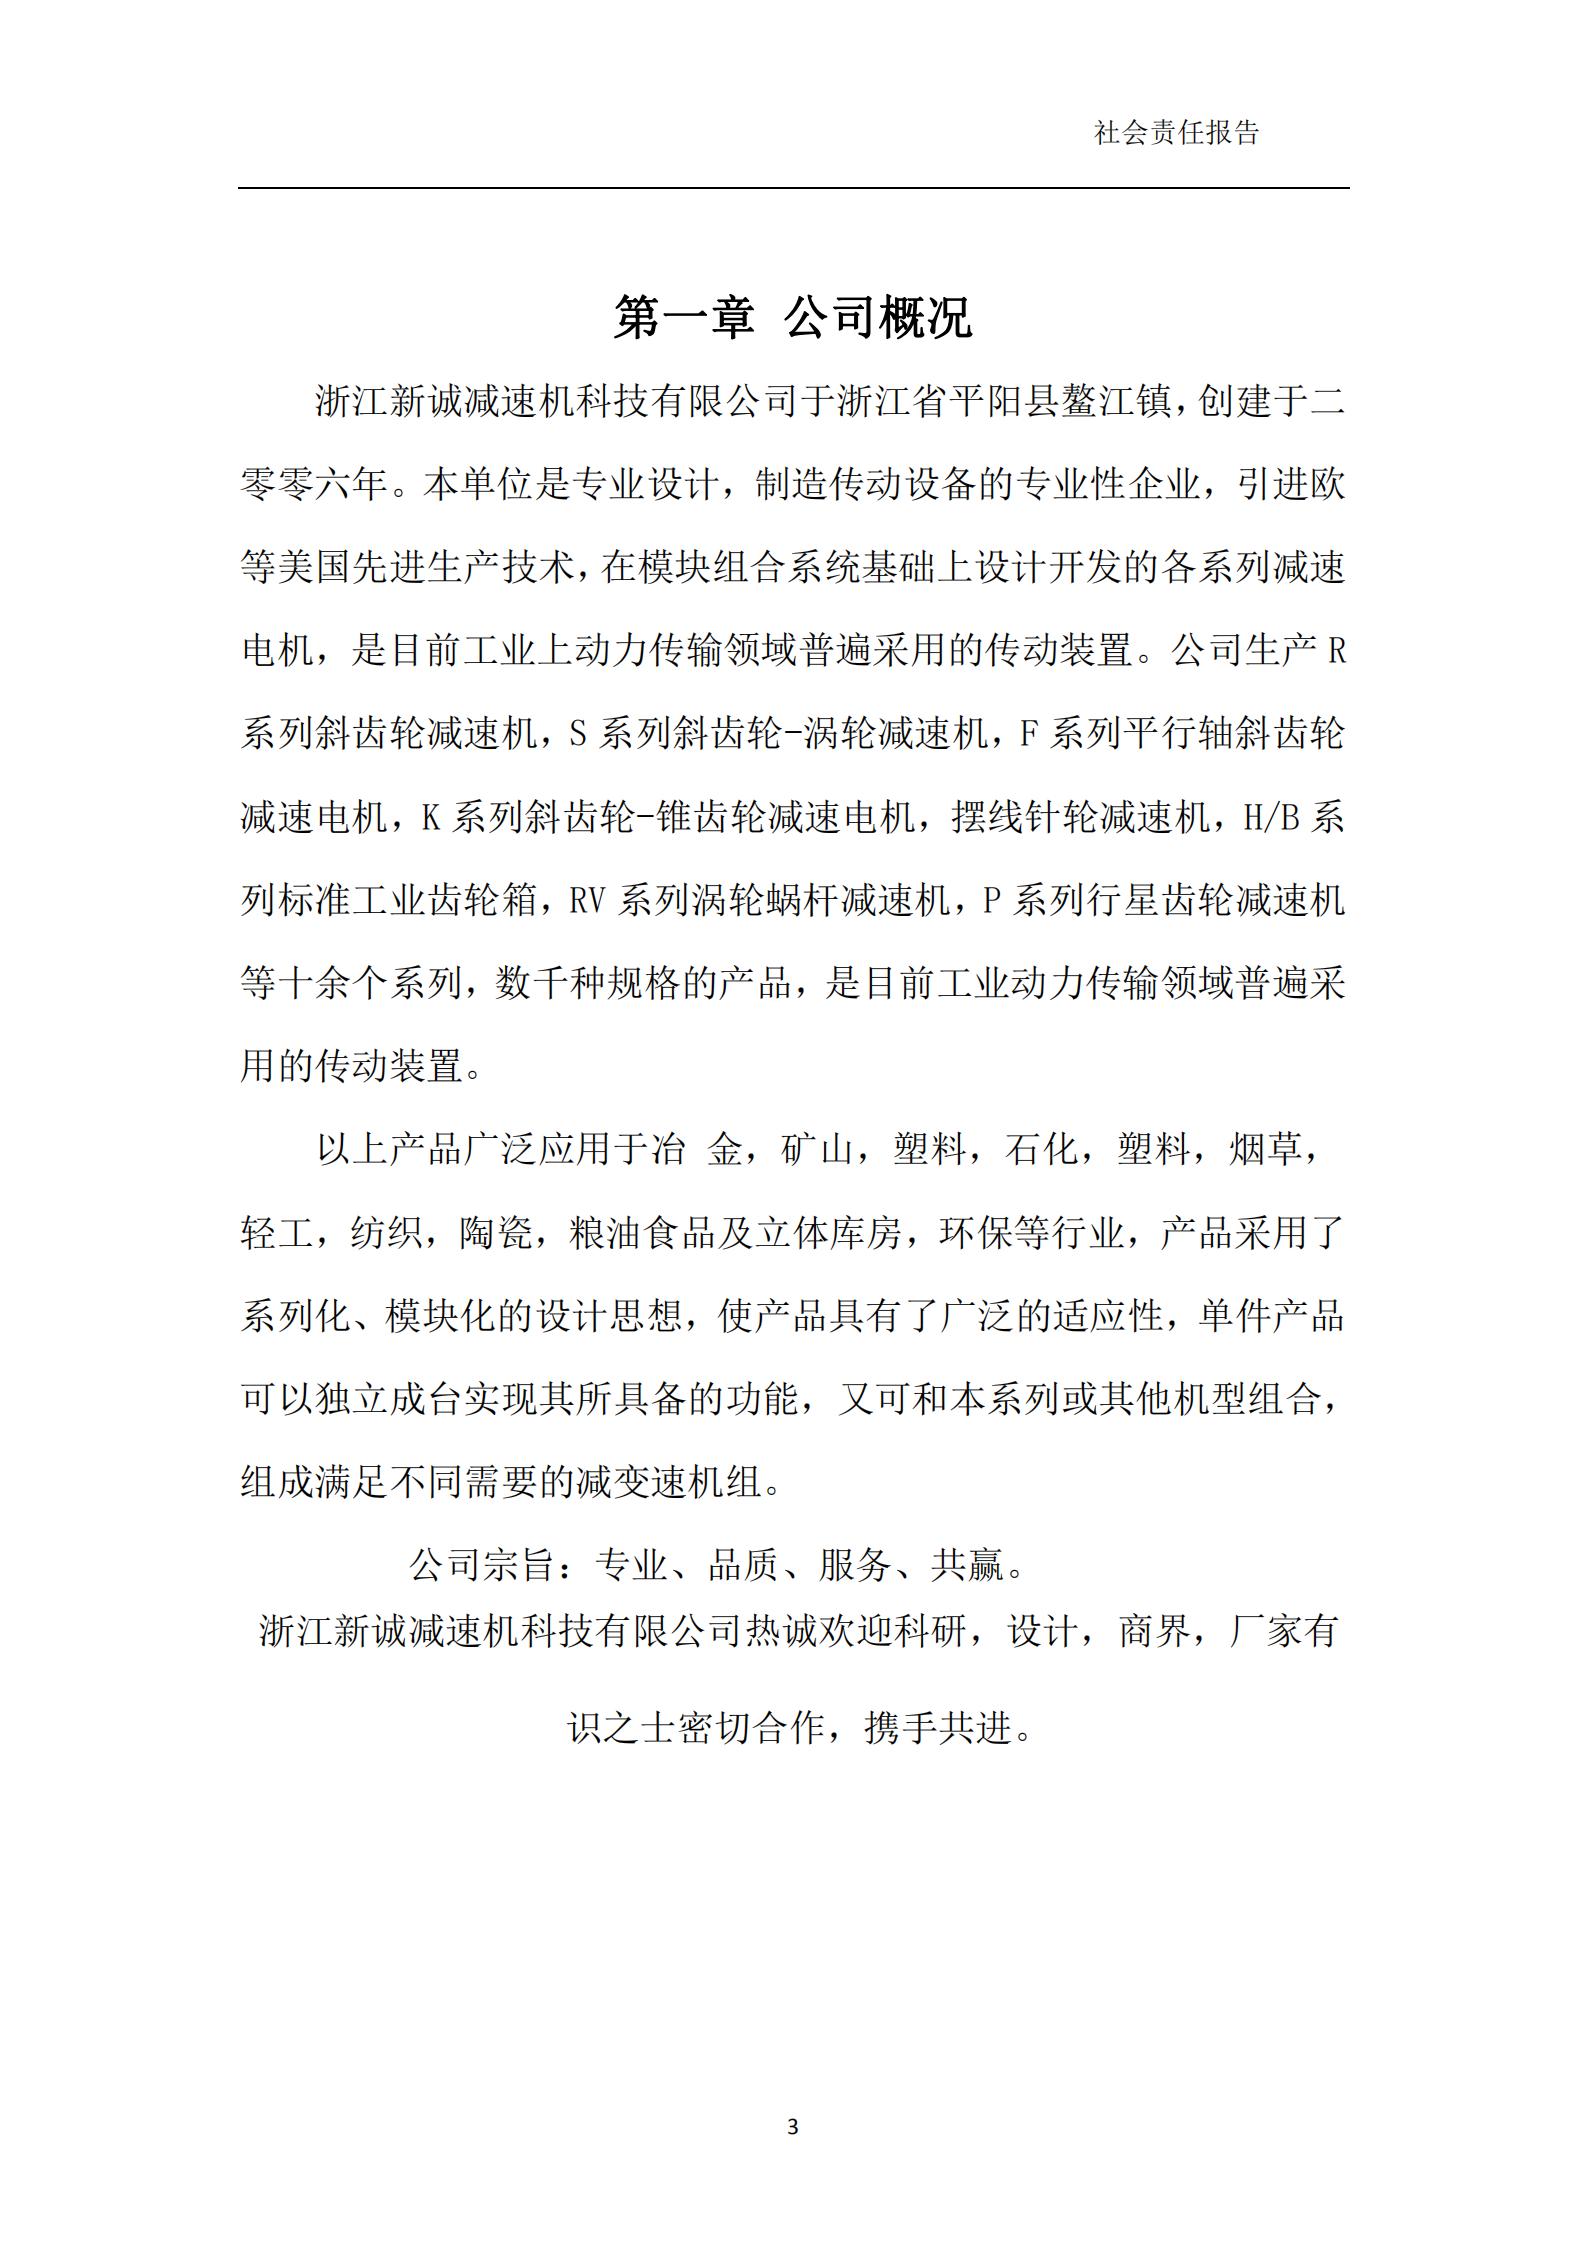 浙江新诚减速机科技有限公司-社会责任报告_03.png